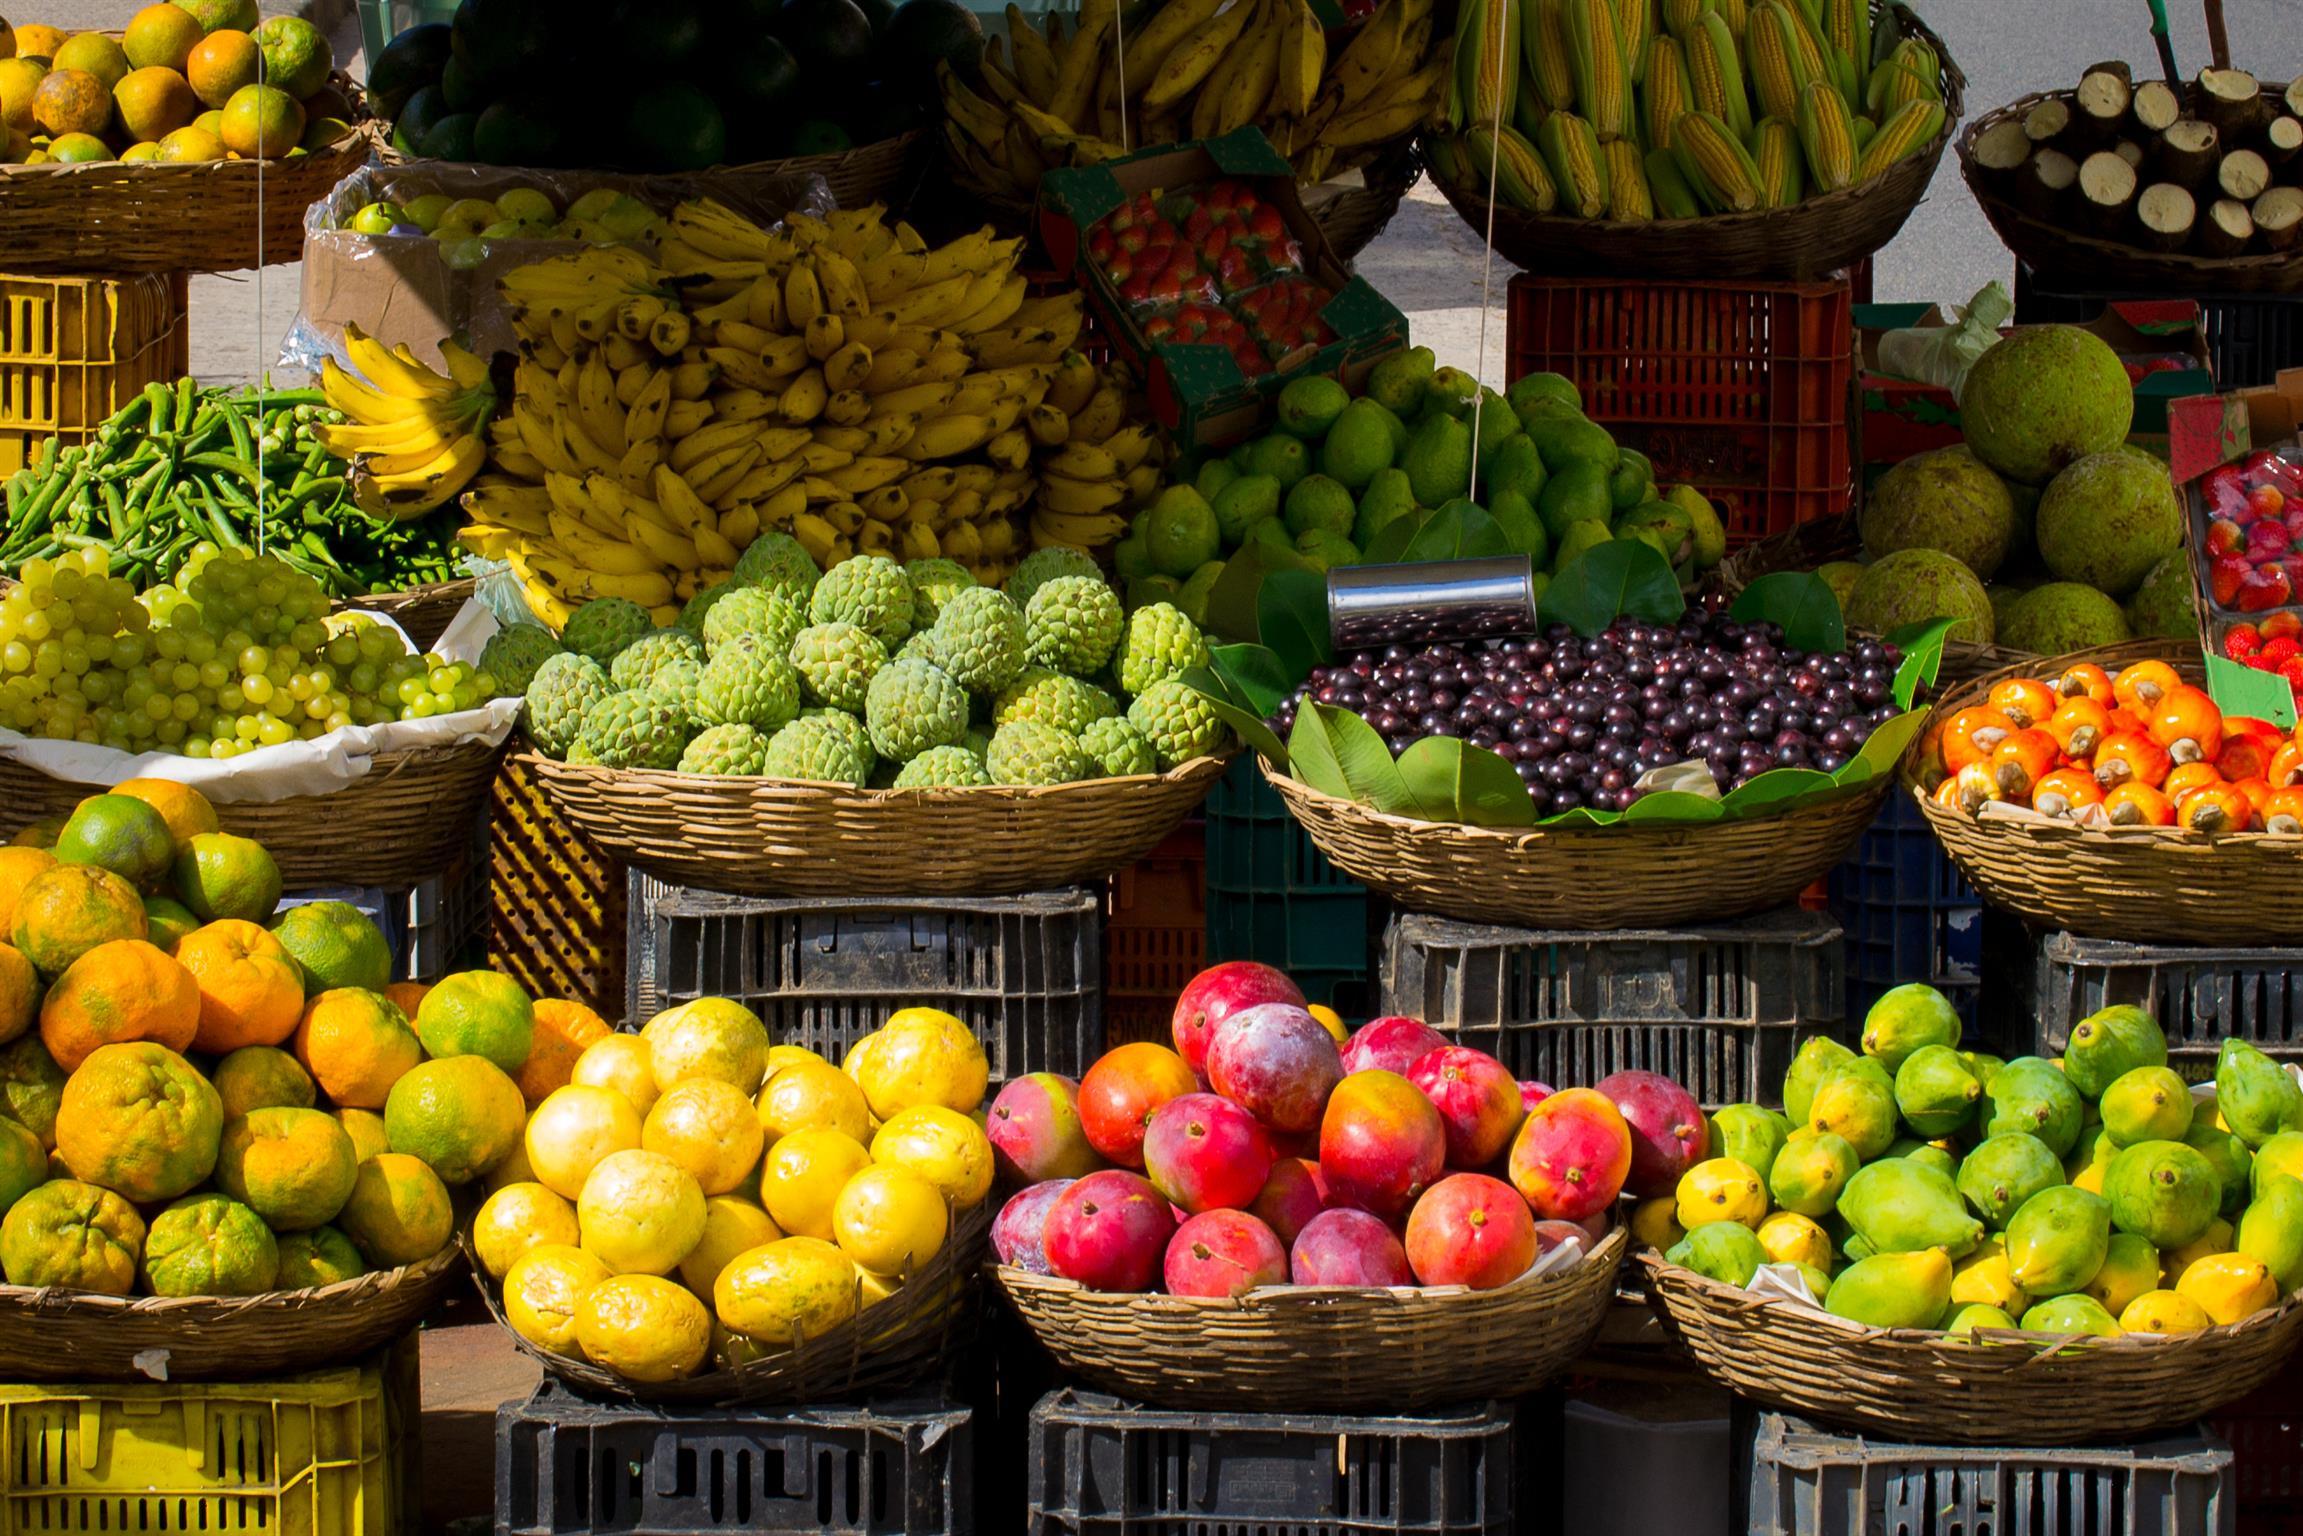 Frisches Obst sorgt für den nötigen Energieschub